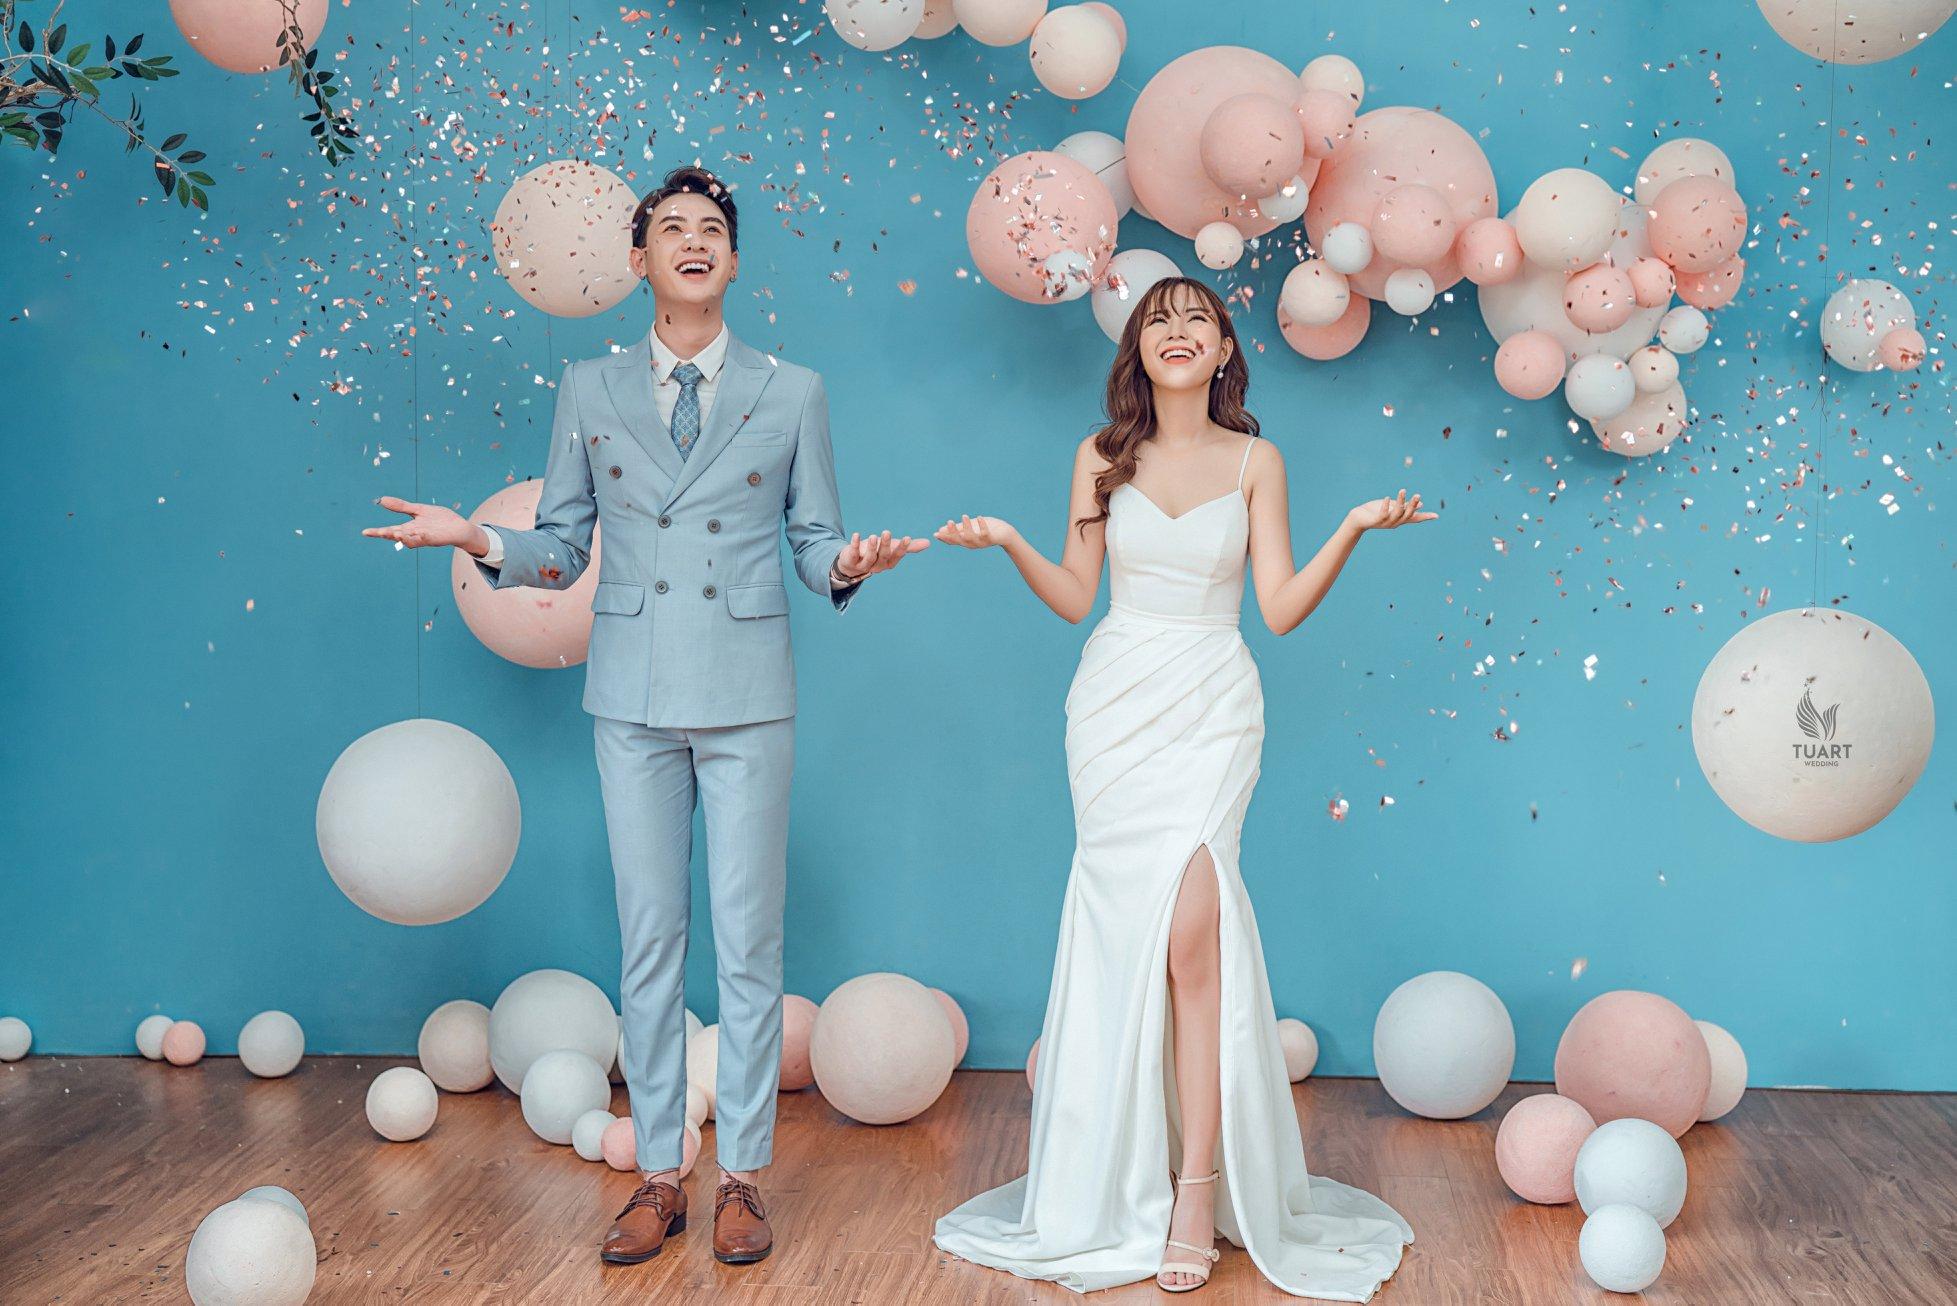 Chụp ảnh cưới phim trường là xu hướng được các cặp đôi yêu thích?